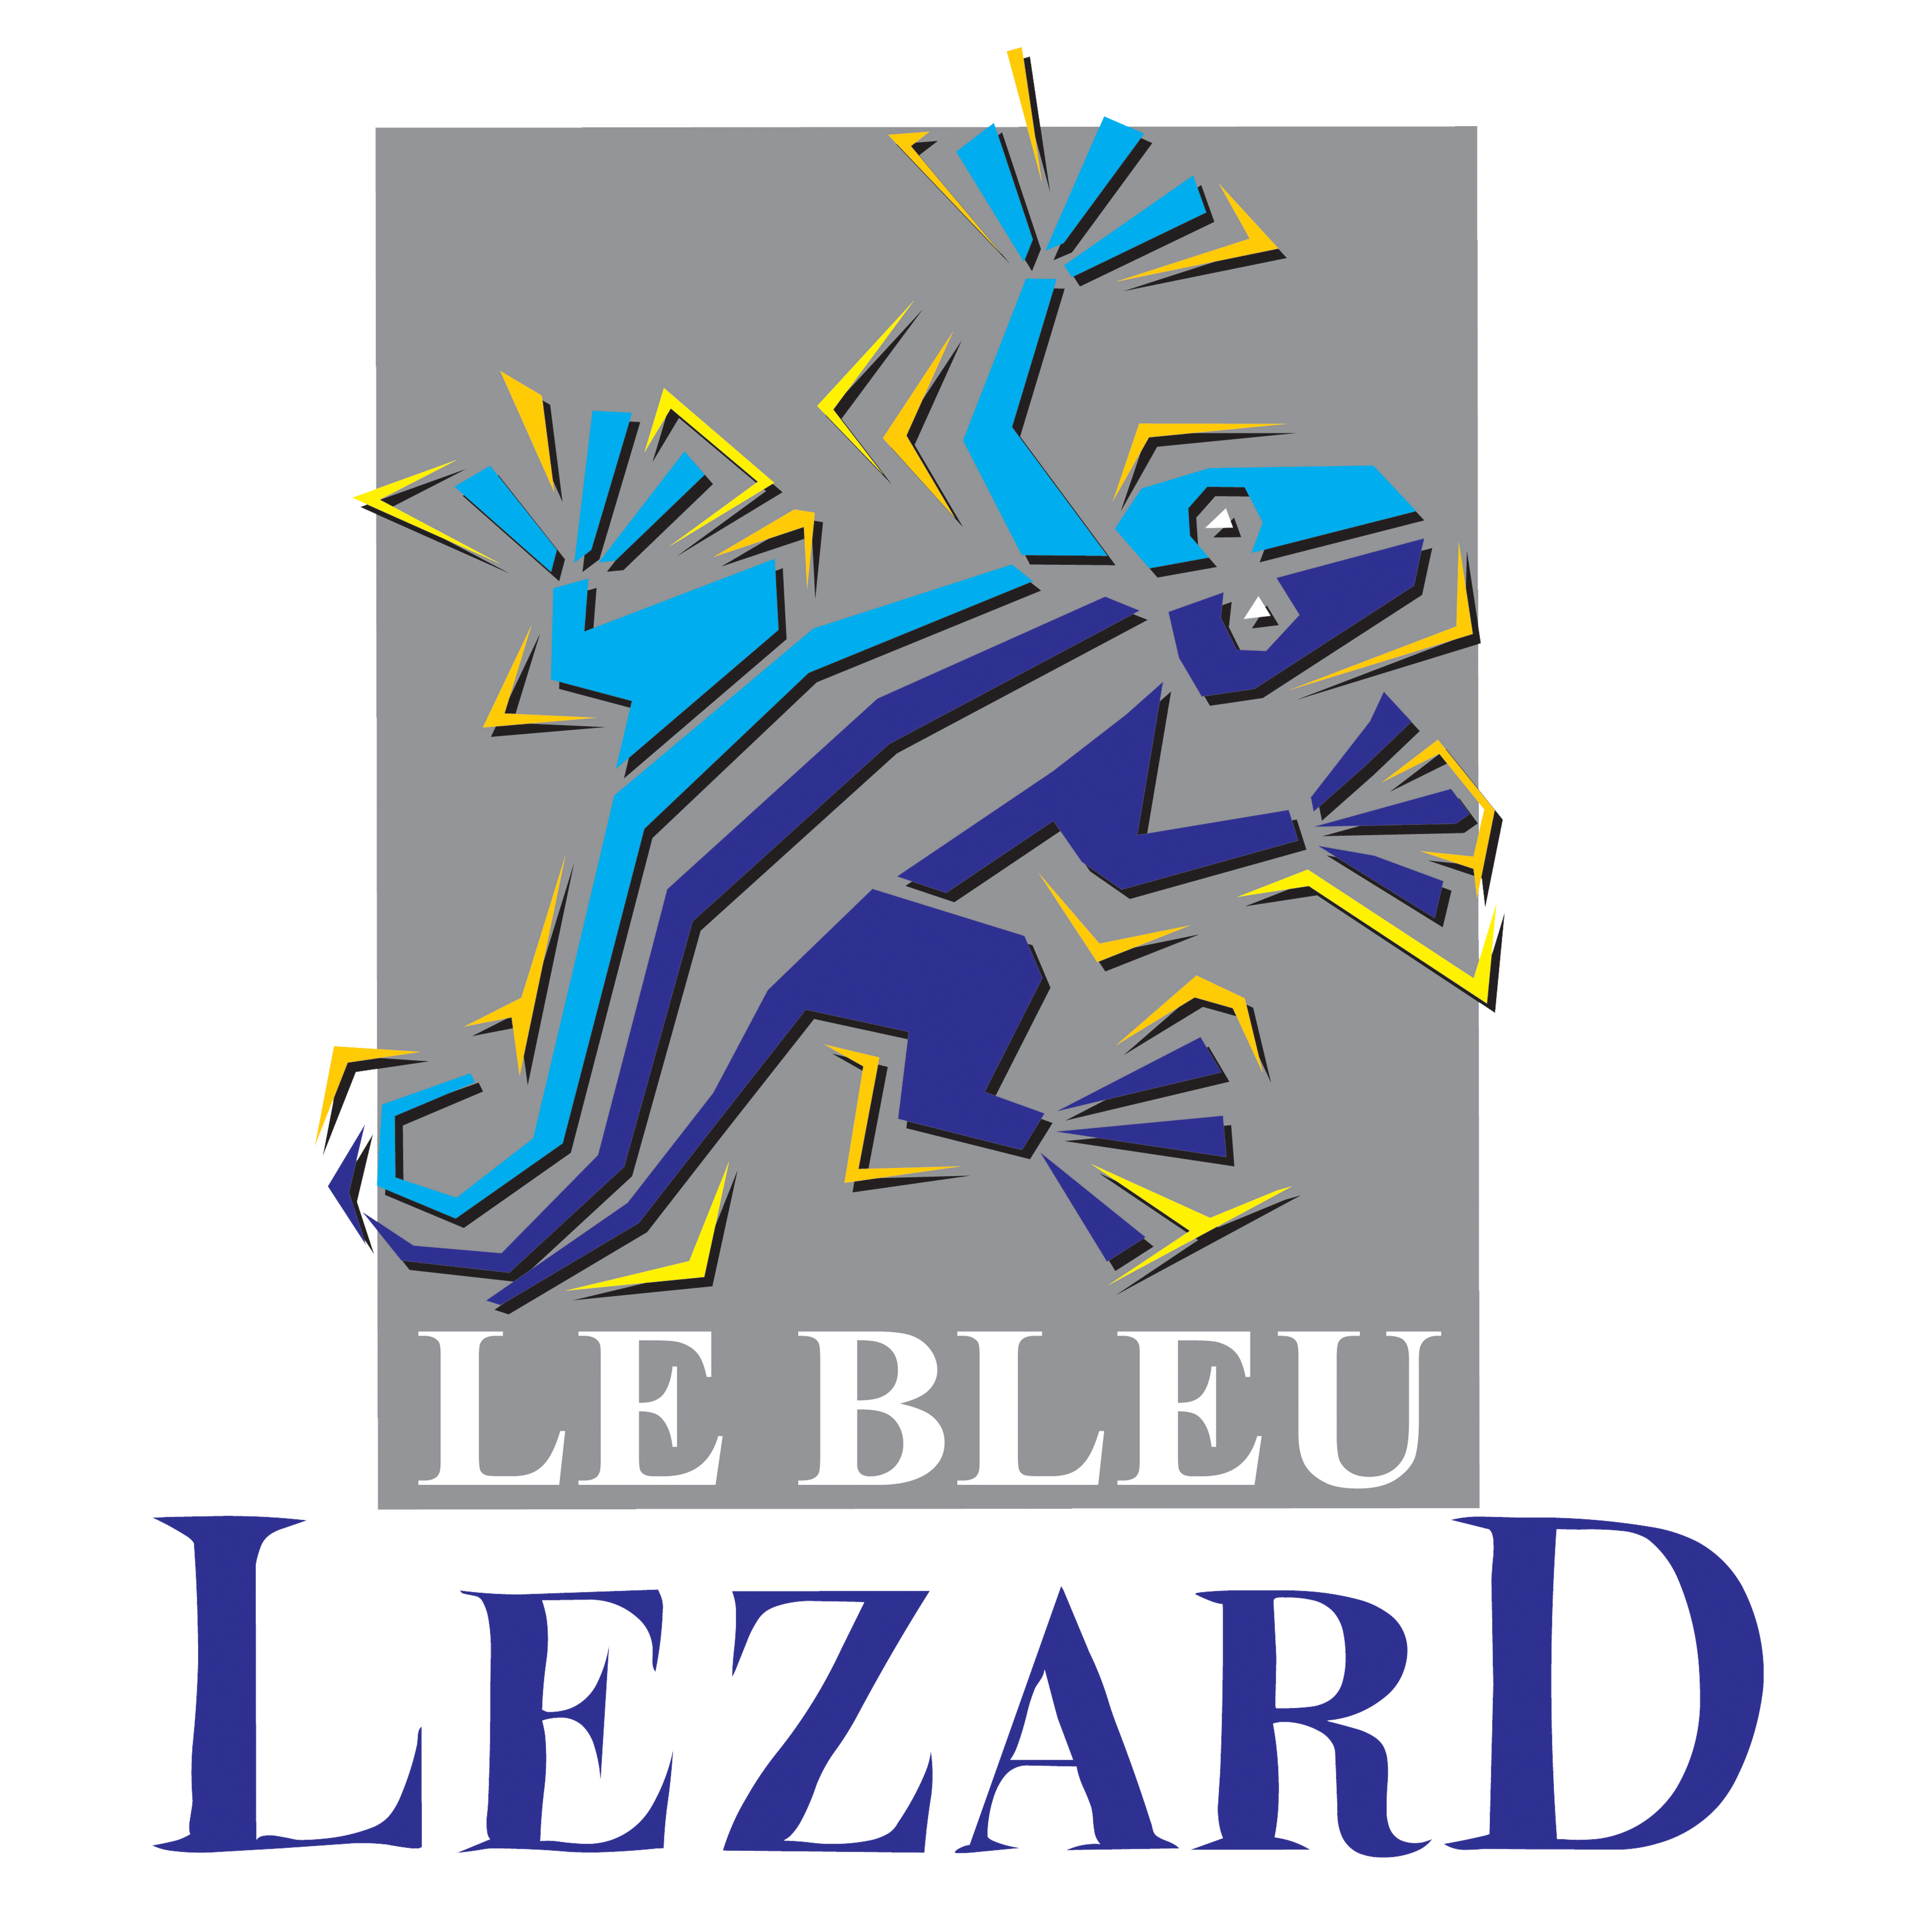 Le Bleu Lezard